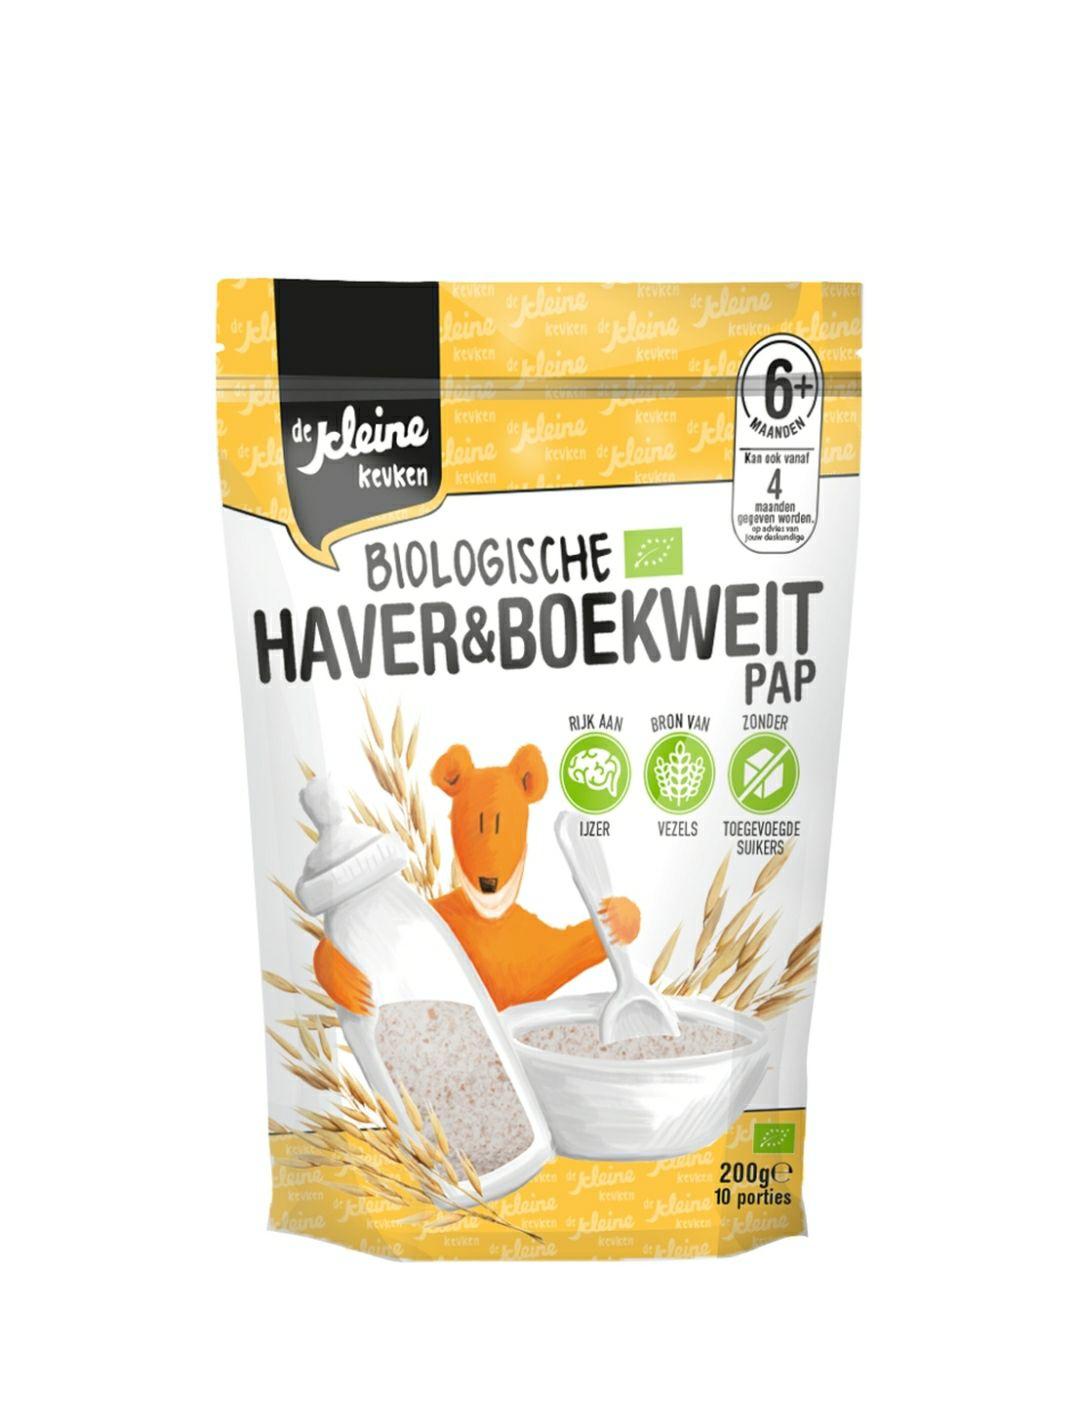 Haver en Boekweit pap gratis proberen!